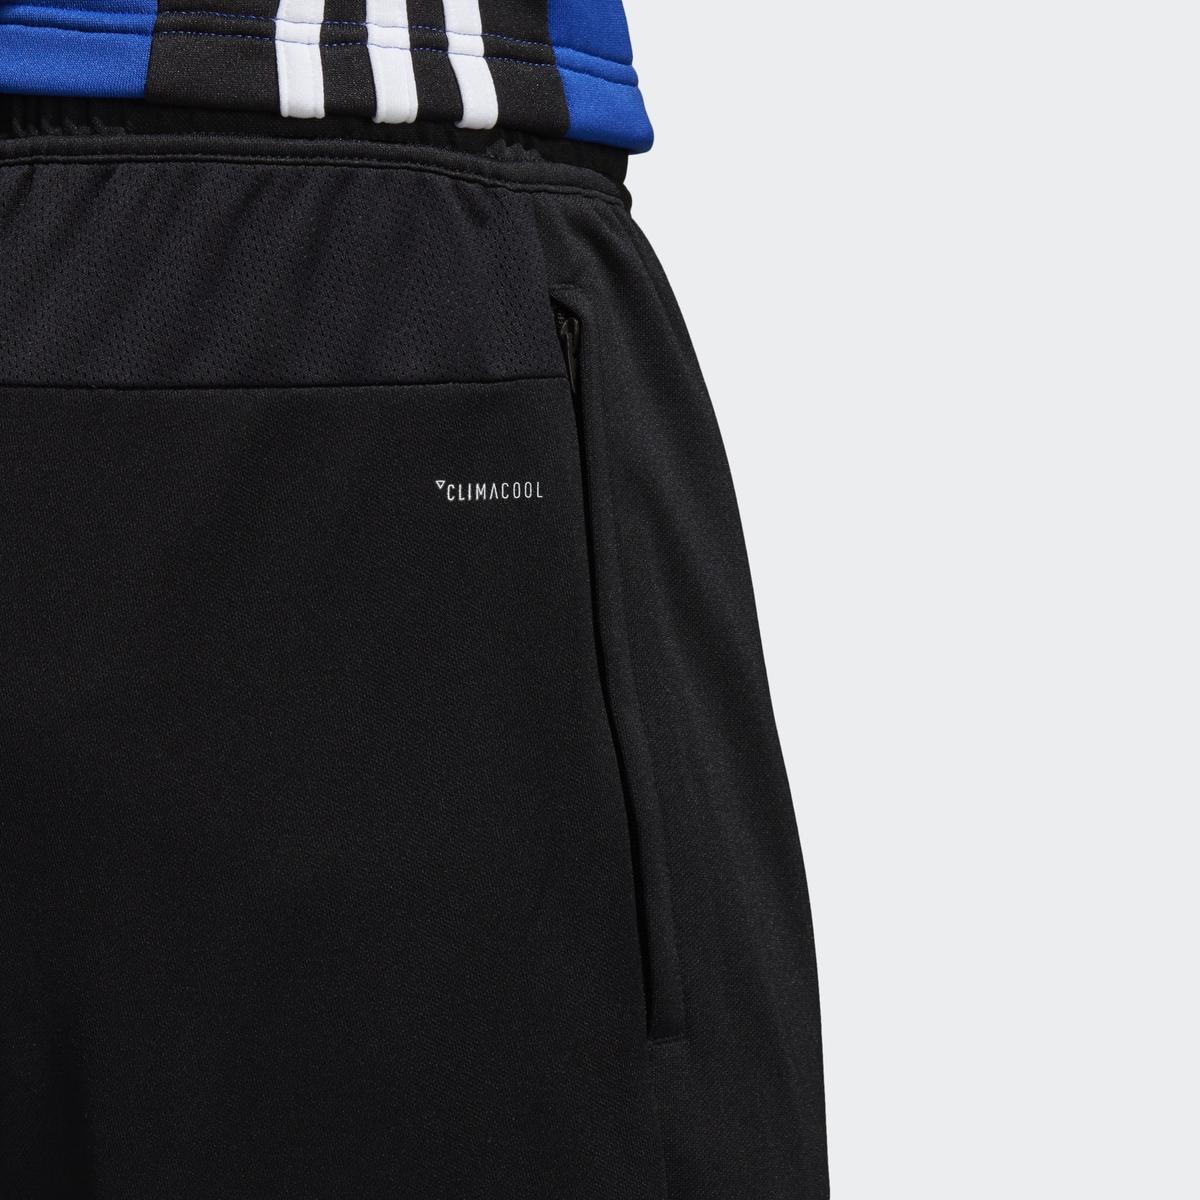 Oso tarta Lógico  Брюки спортивные adidas Regi18 Tr Pnt — купить в интернет-магазине OZON с  быстрой доставкой